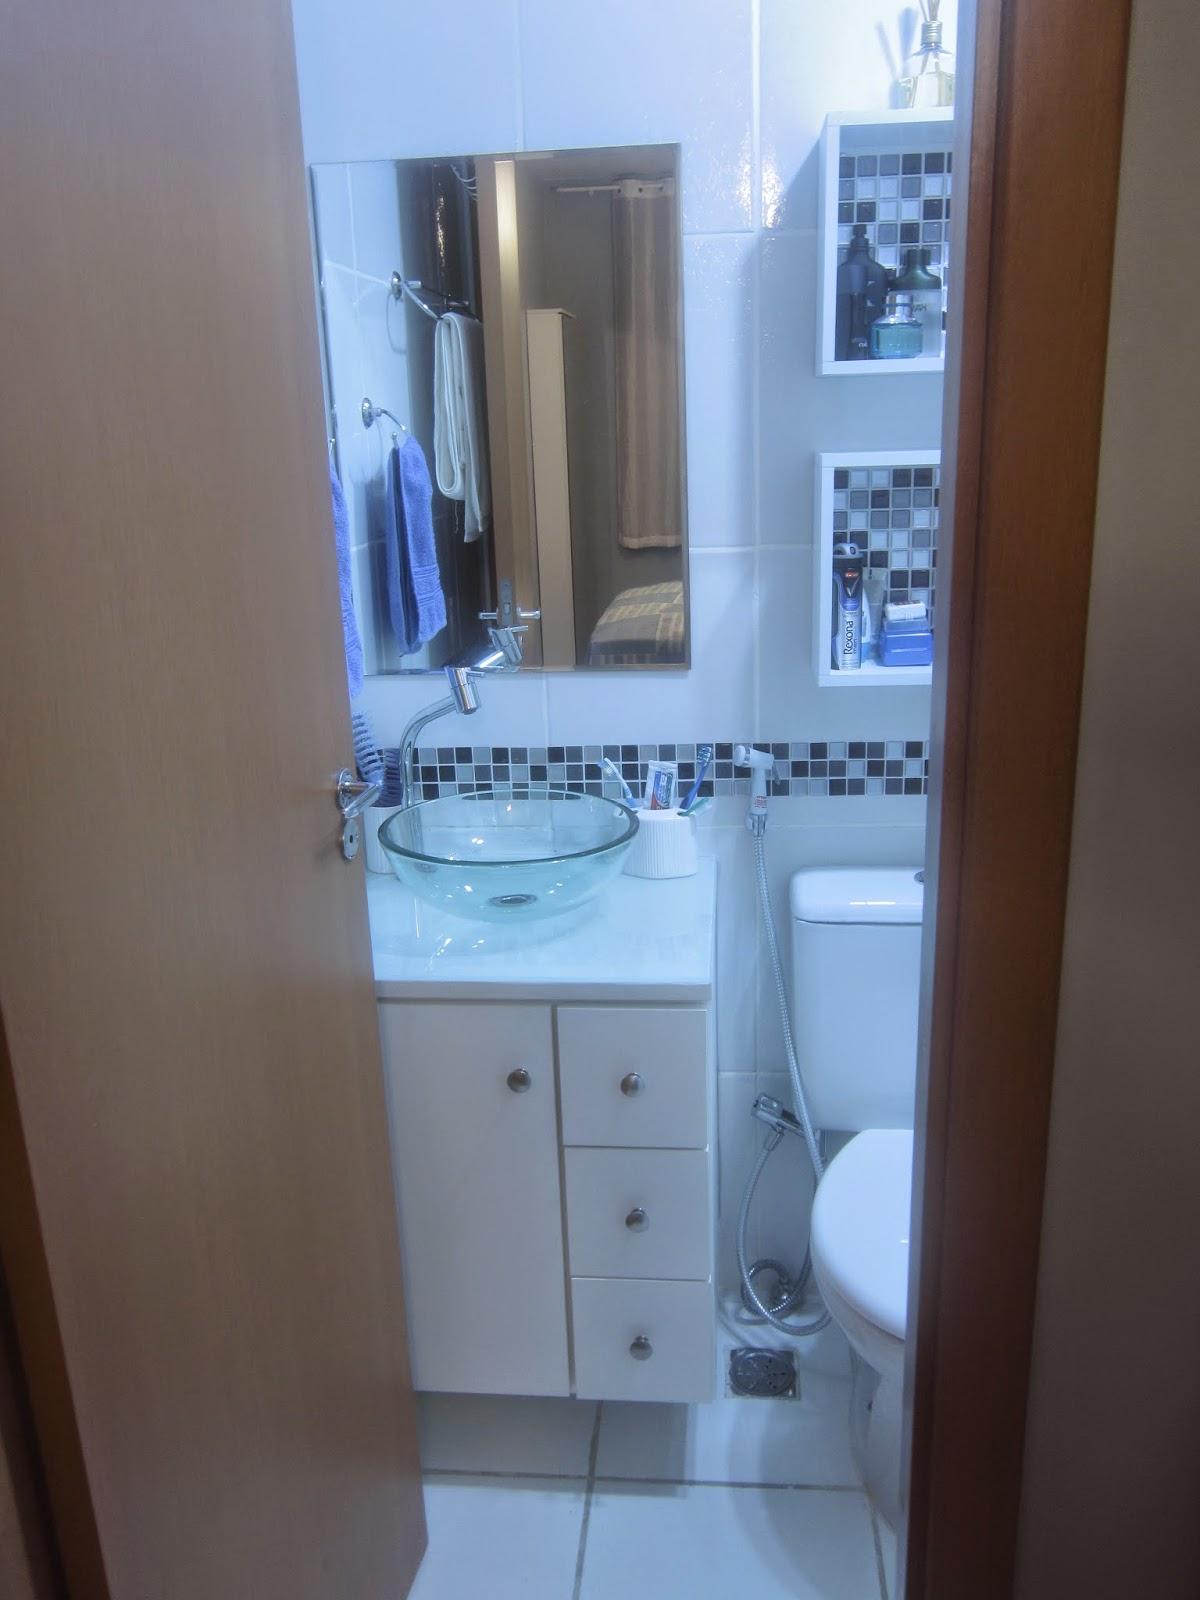 Cafofo Sonhado Decorando banheiros pequenos 2 banheiros, 2m² cada, 2 decora -> Gabinete De Banheiro Planejado Valor